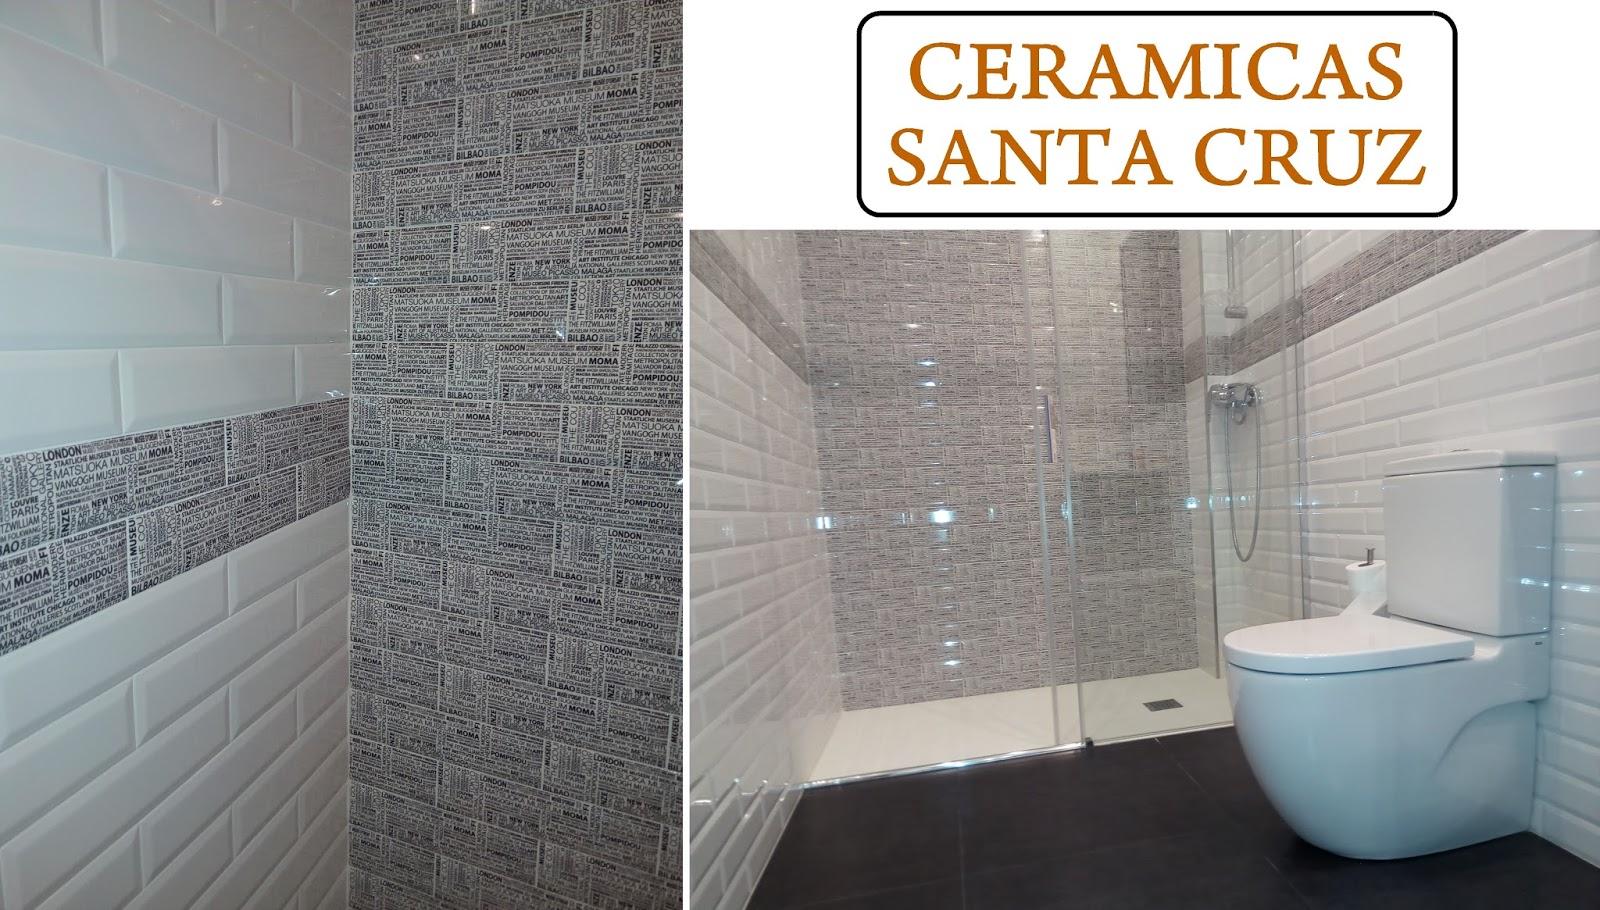 CERAMICAS SANTA CRUZ: Cuarto de baño con azulejo biselado ...